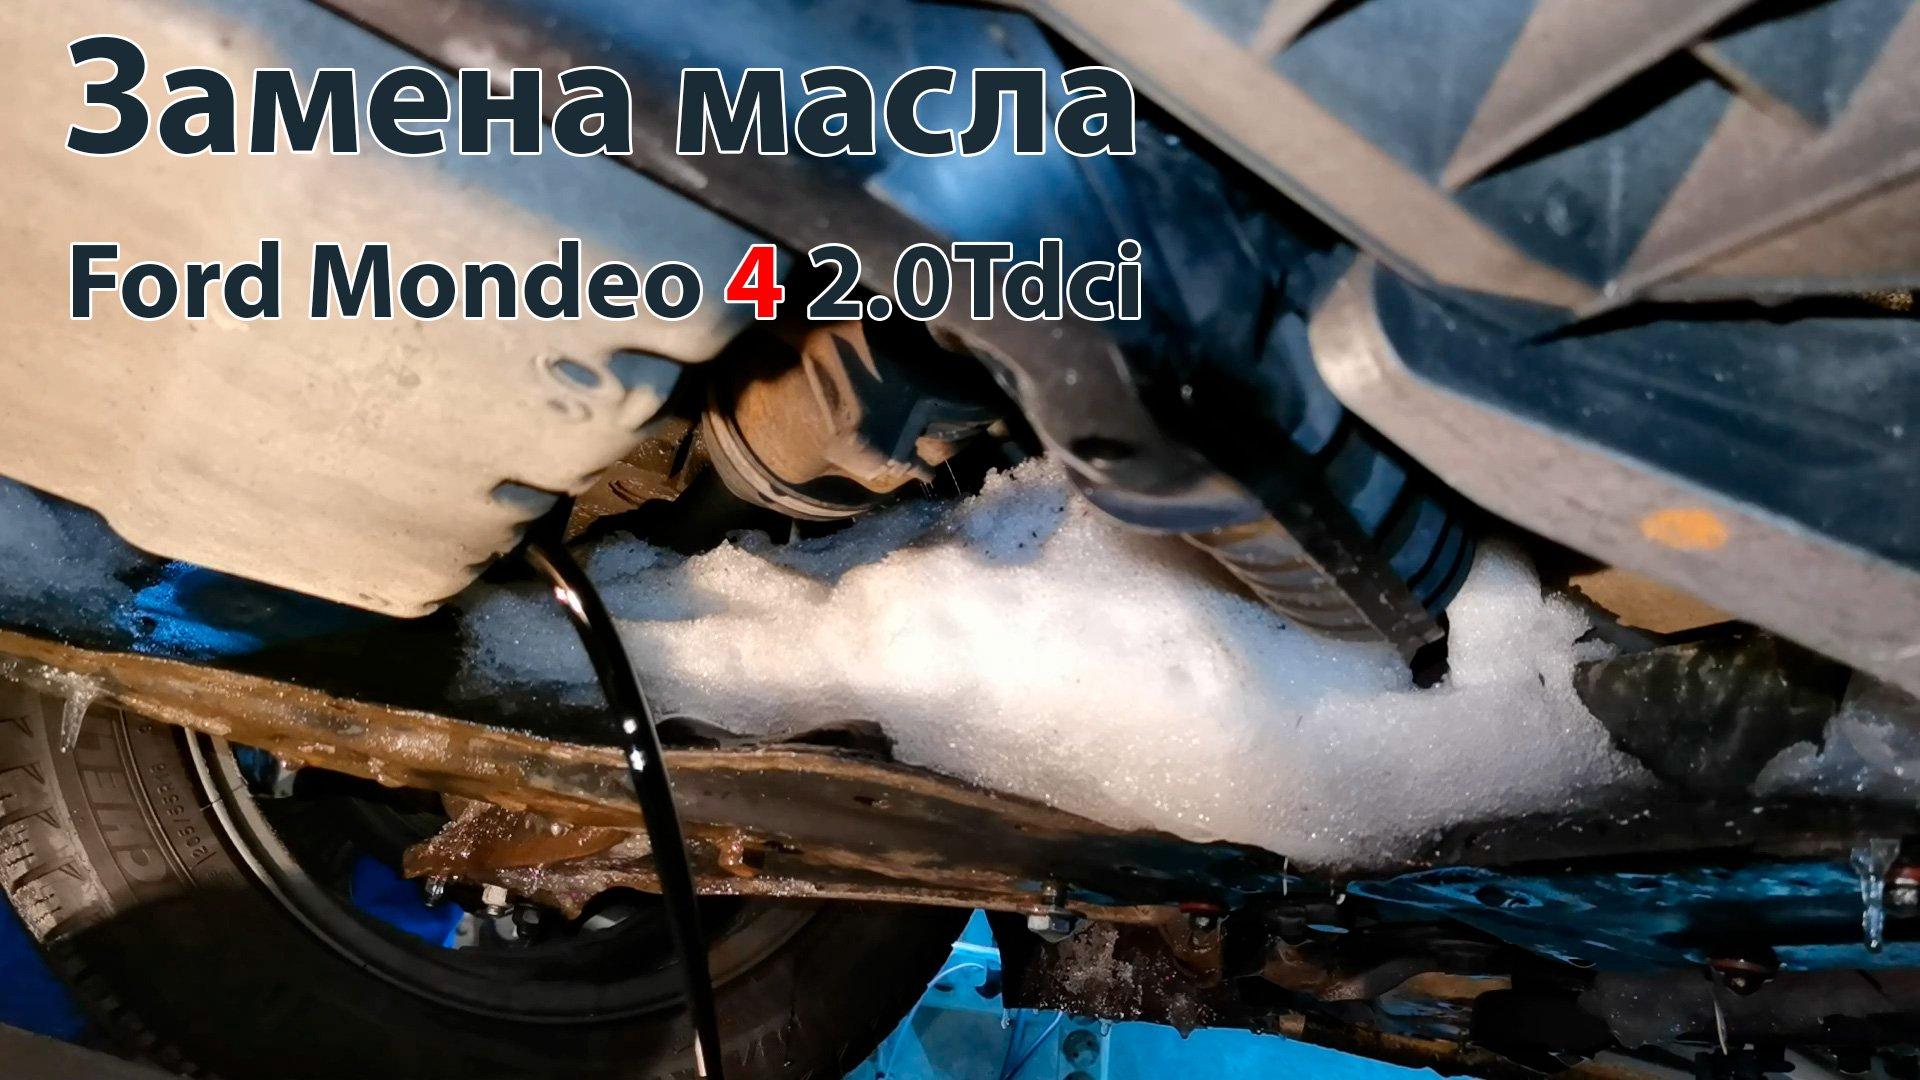 Как заменить масло в Форд Мондео 4